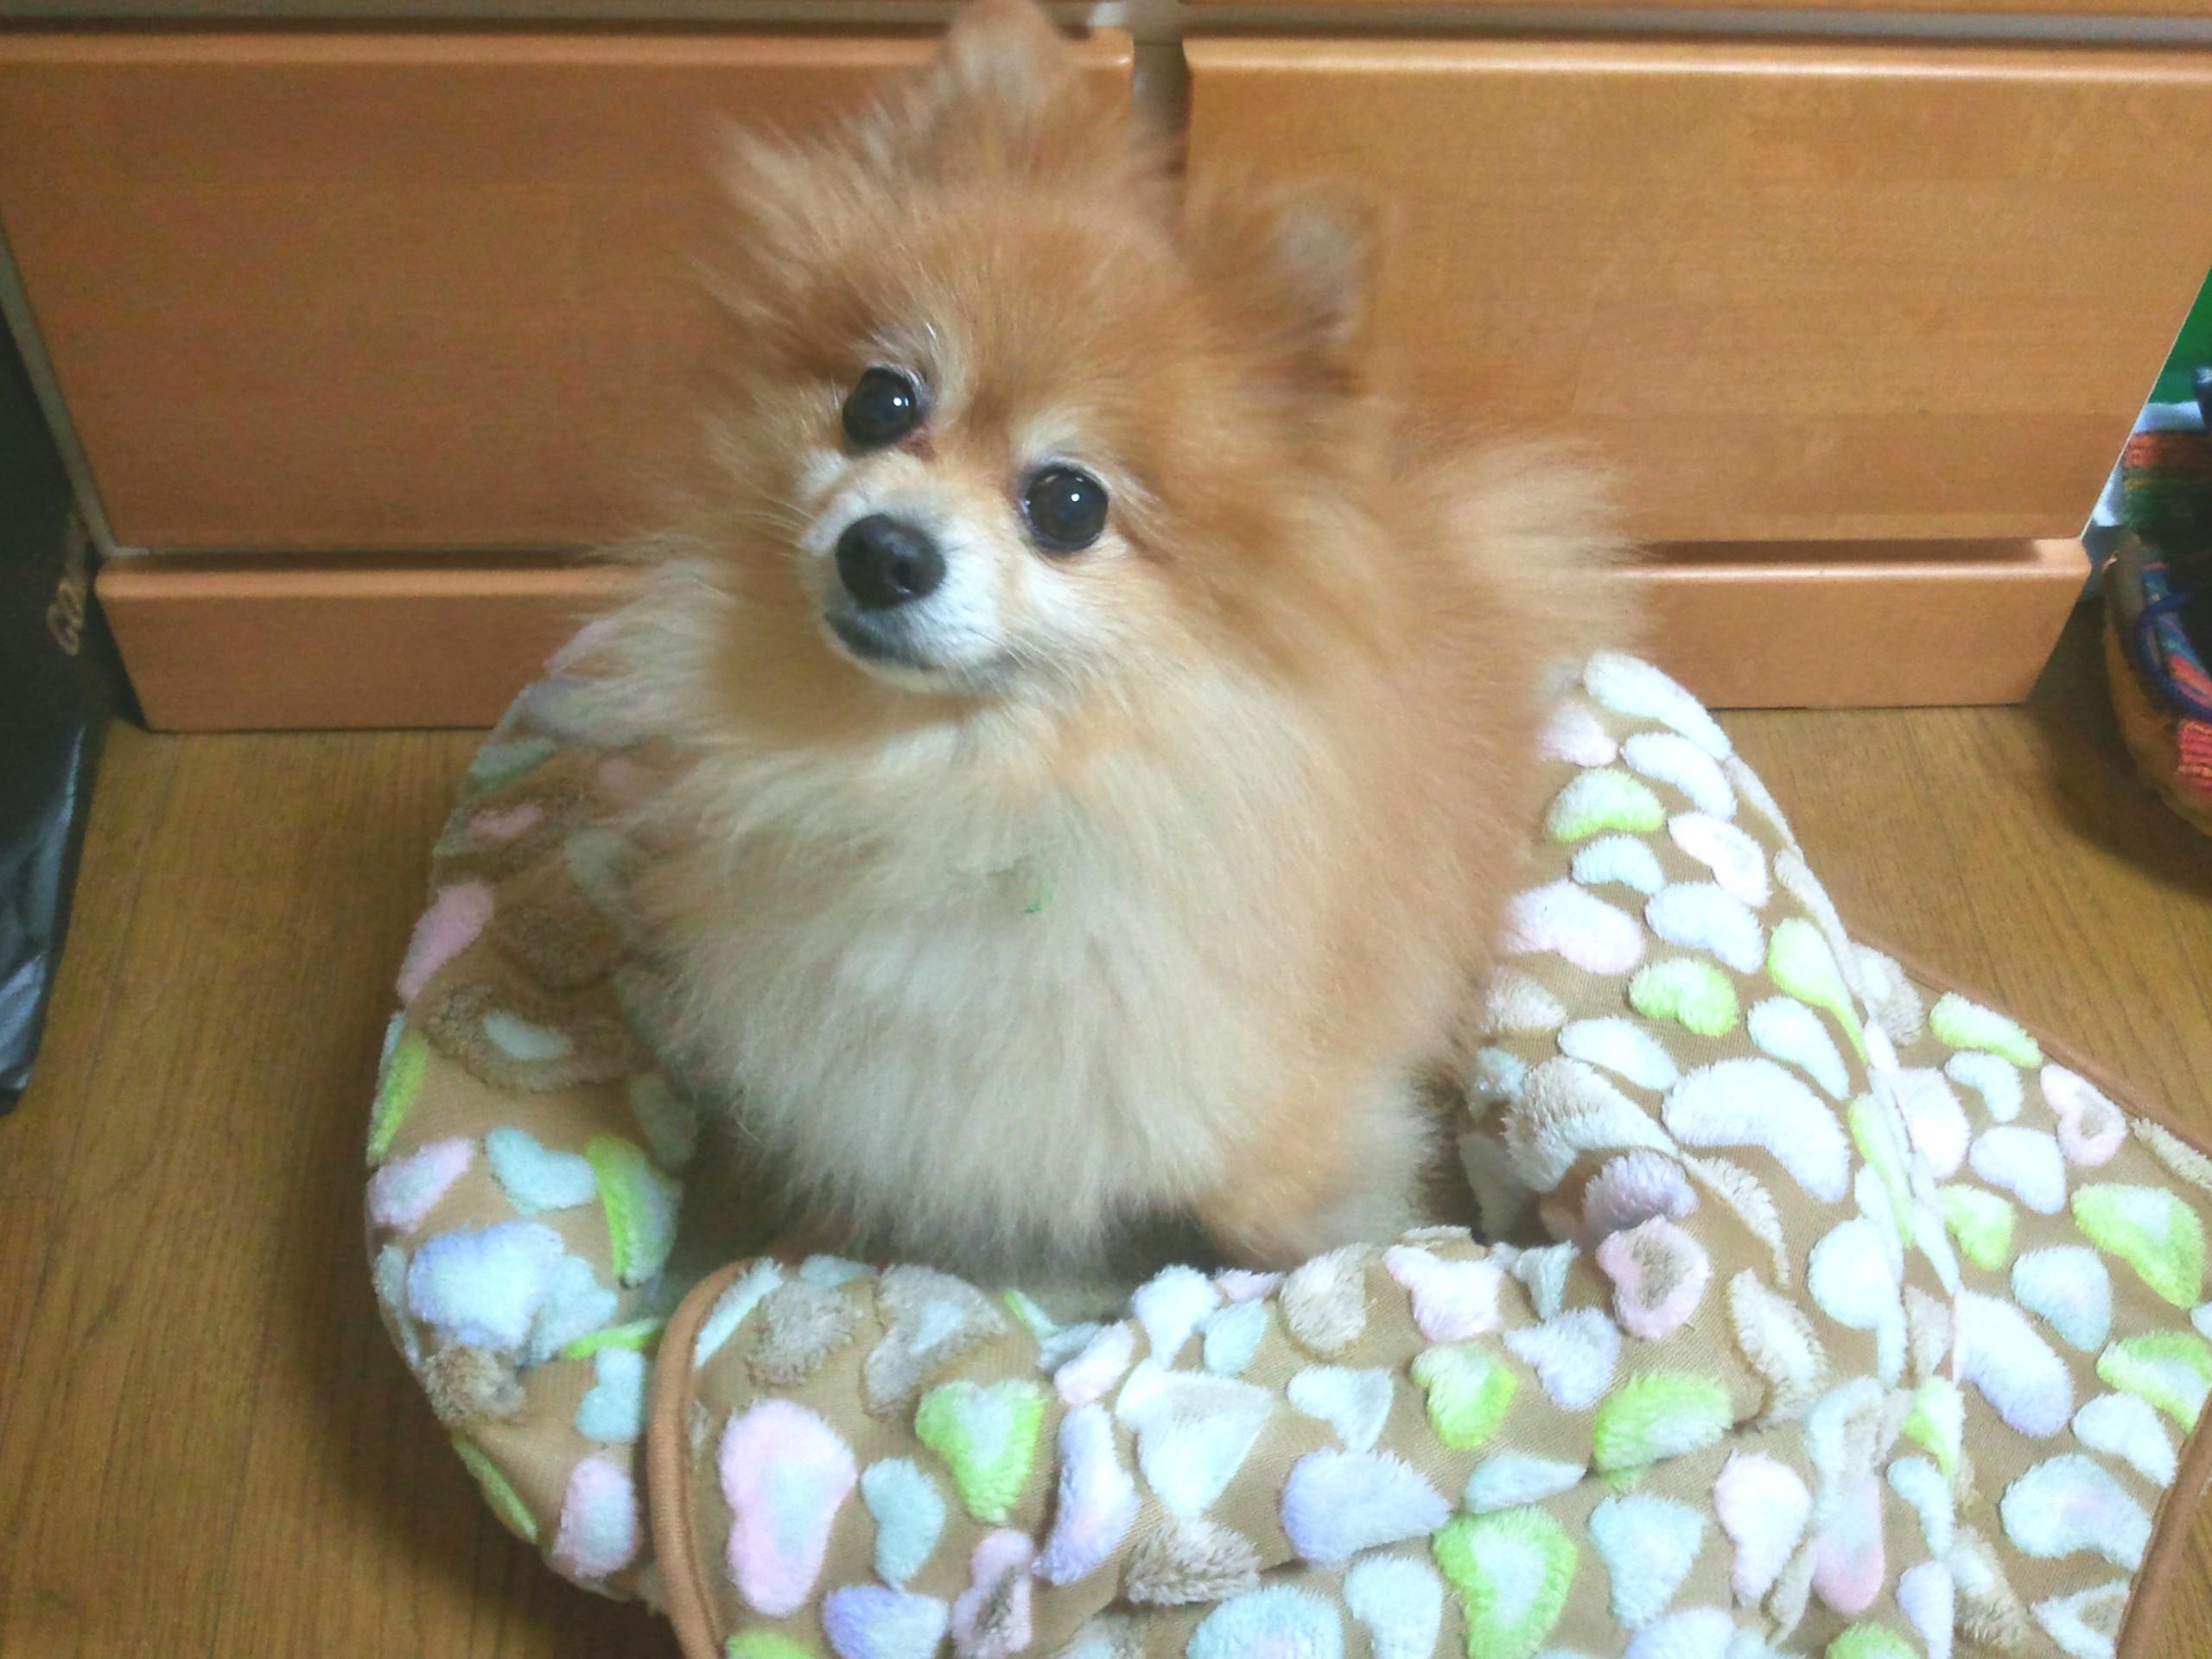 ペット,愛犬家,ポメラニアン,ぬいぐるみみたい,めちゃくちゃかわいい